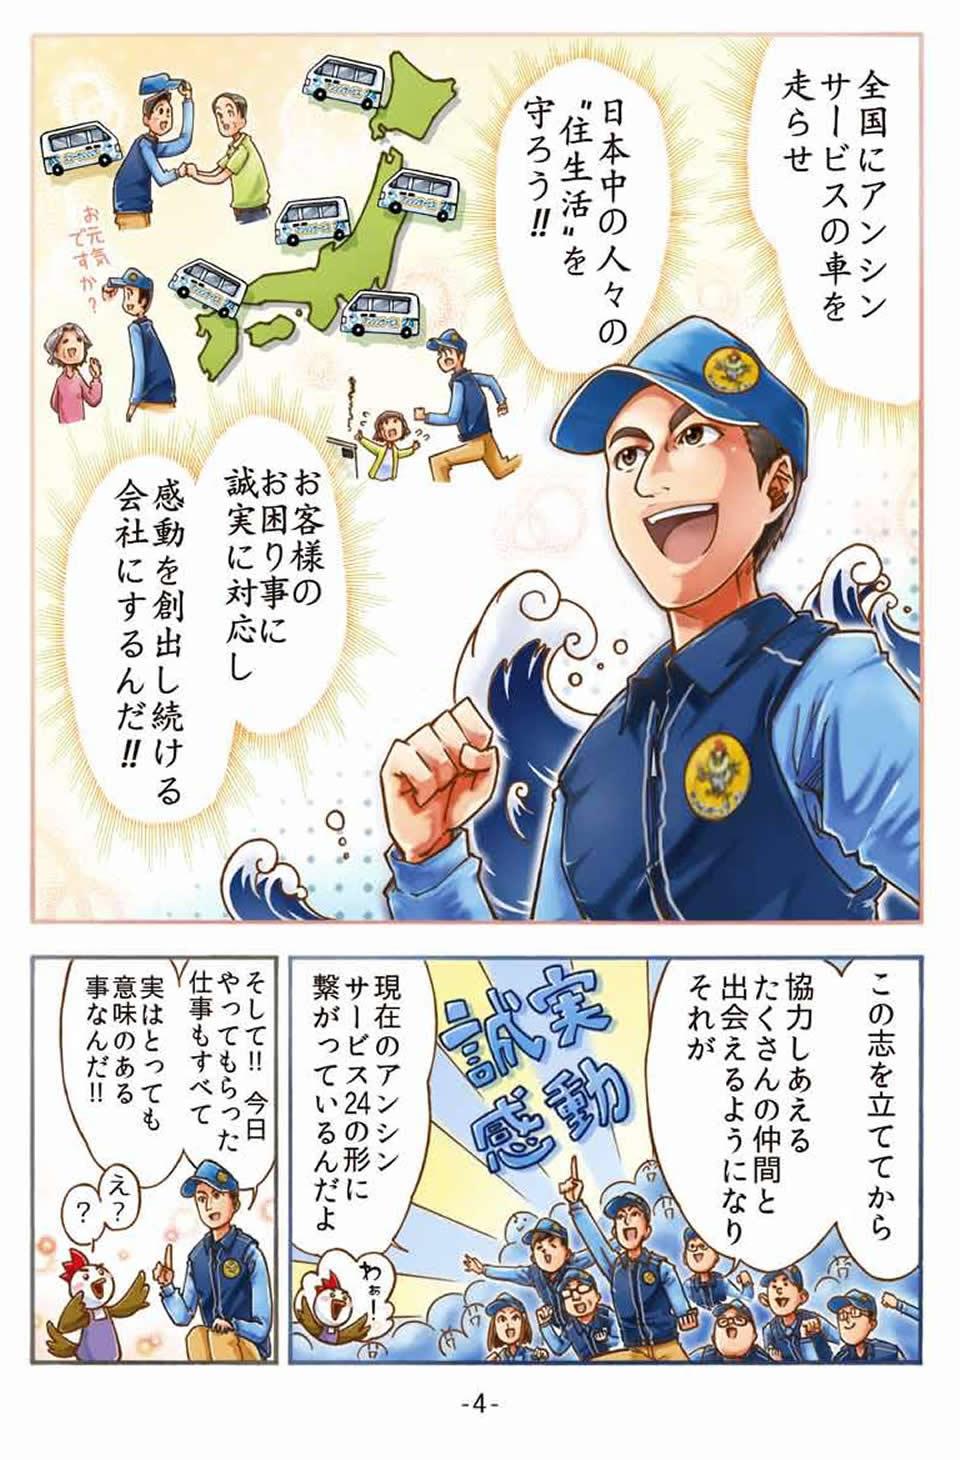 全国にアンシンサービスの車を走らせ日本中の人々の住生活を守ろう住宅設備リフォームの工事店アンシンサービス24のご紹介